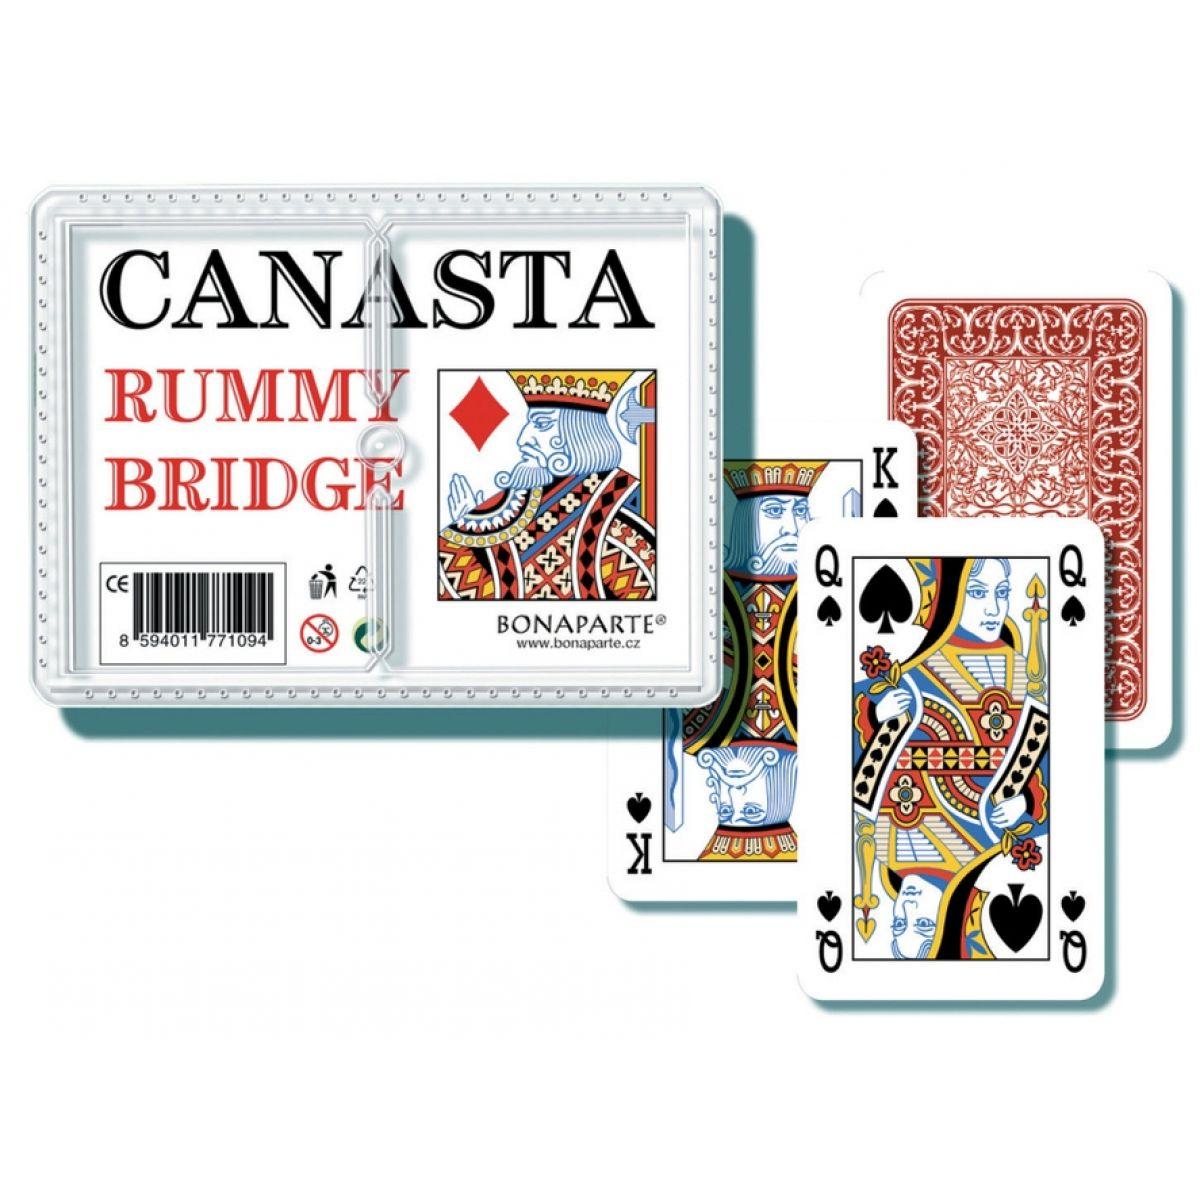 Bonaparte Canasta